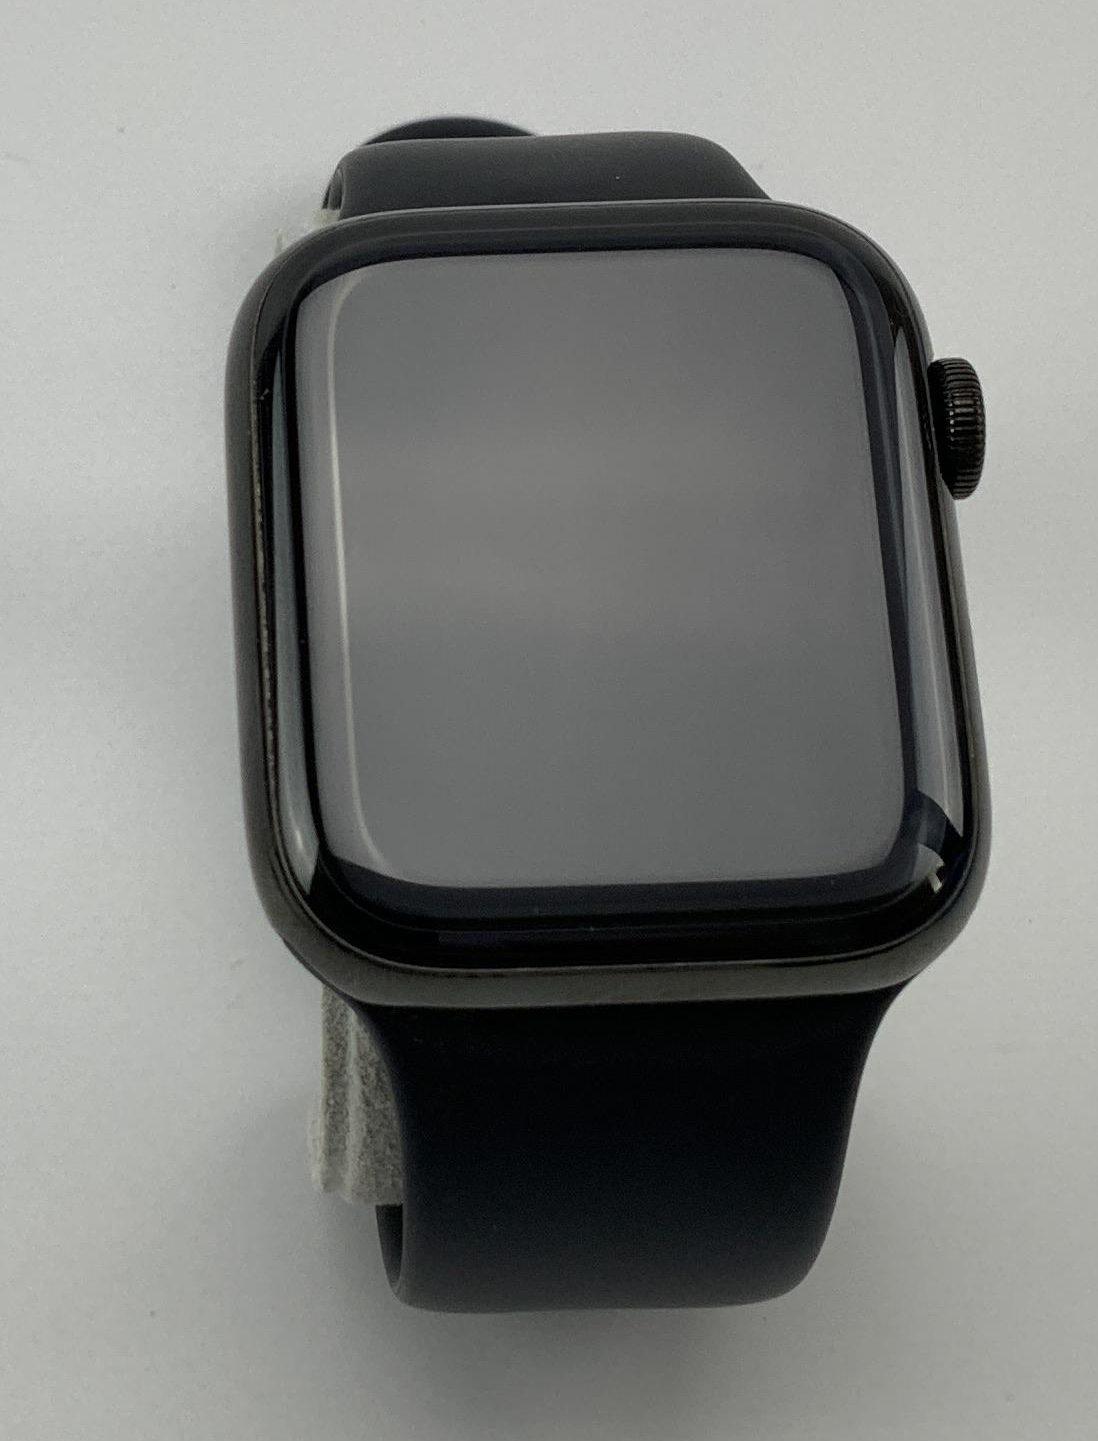 Watch Series 5 Steel Cellular (44mm), Space Black, bild 1